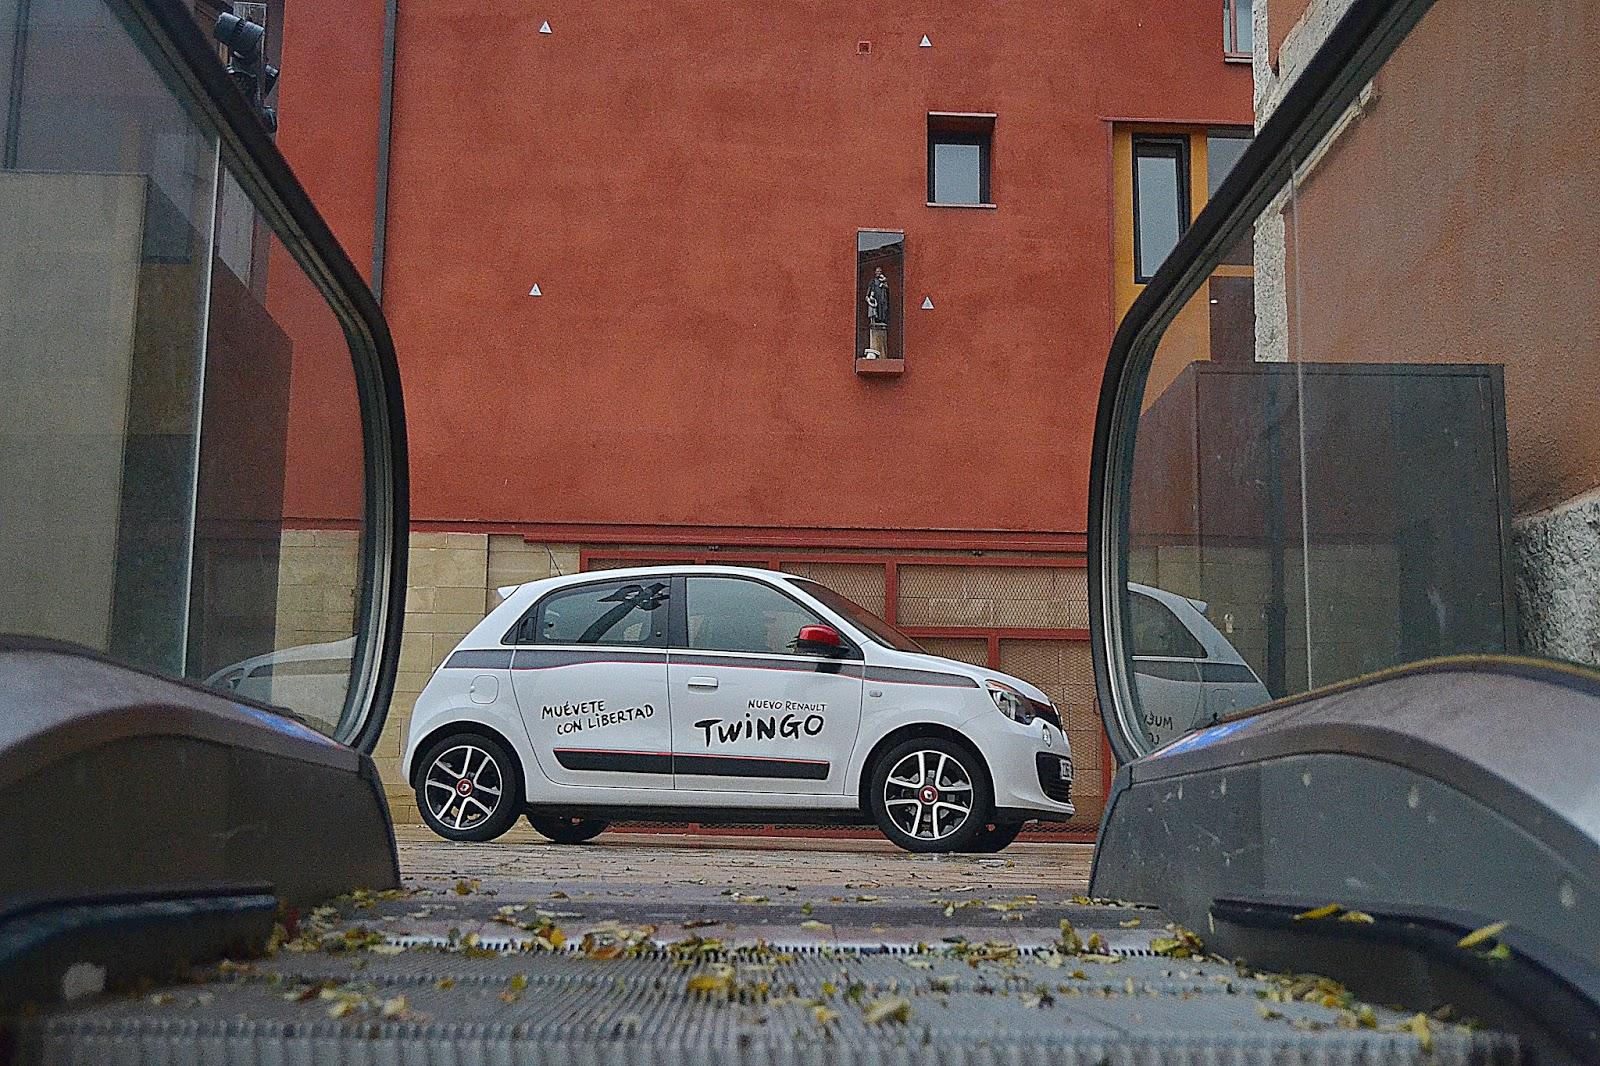 El nuevo Renault Twingo vuelve por sus fueros y se nos presenta como una  alternativa ciudadana de lo más divertida y personalizable 6a231c569e1c